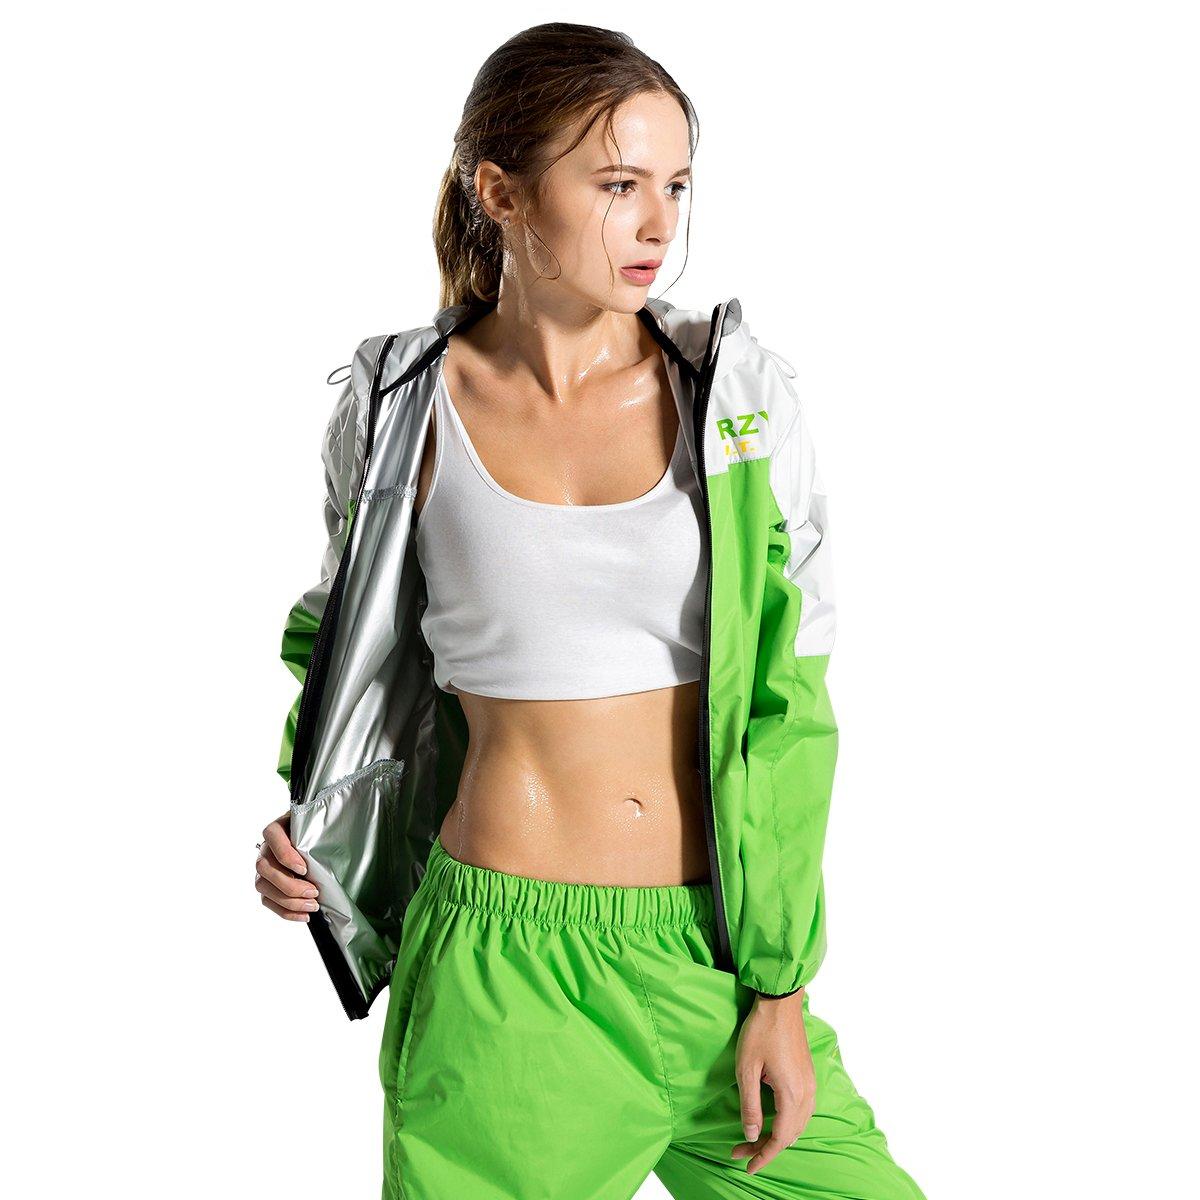 女性用スポーツSuits Runningスリミングサウナスーツfor Lose重量Fat Burner汗トレーニングウェアフィットネス耐久性長袖フード付きジャケット XX-Large  B078TH6B2B